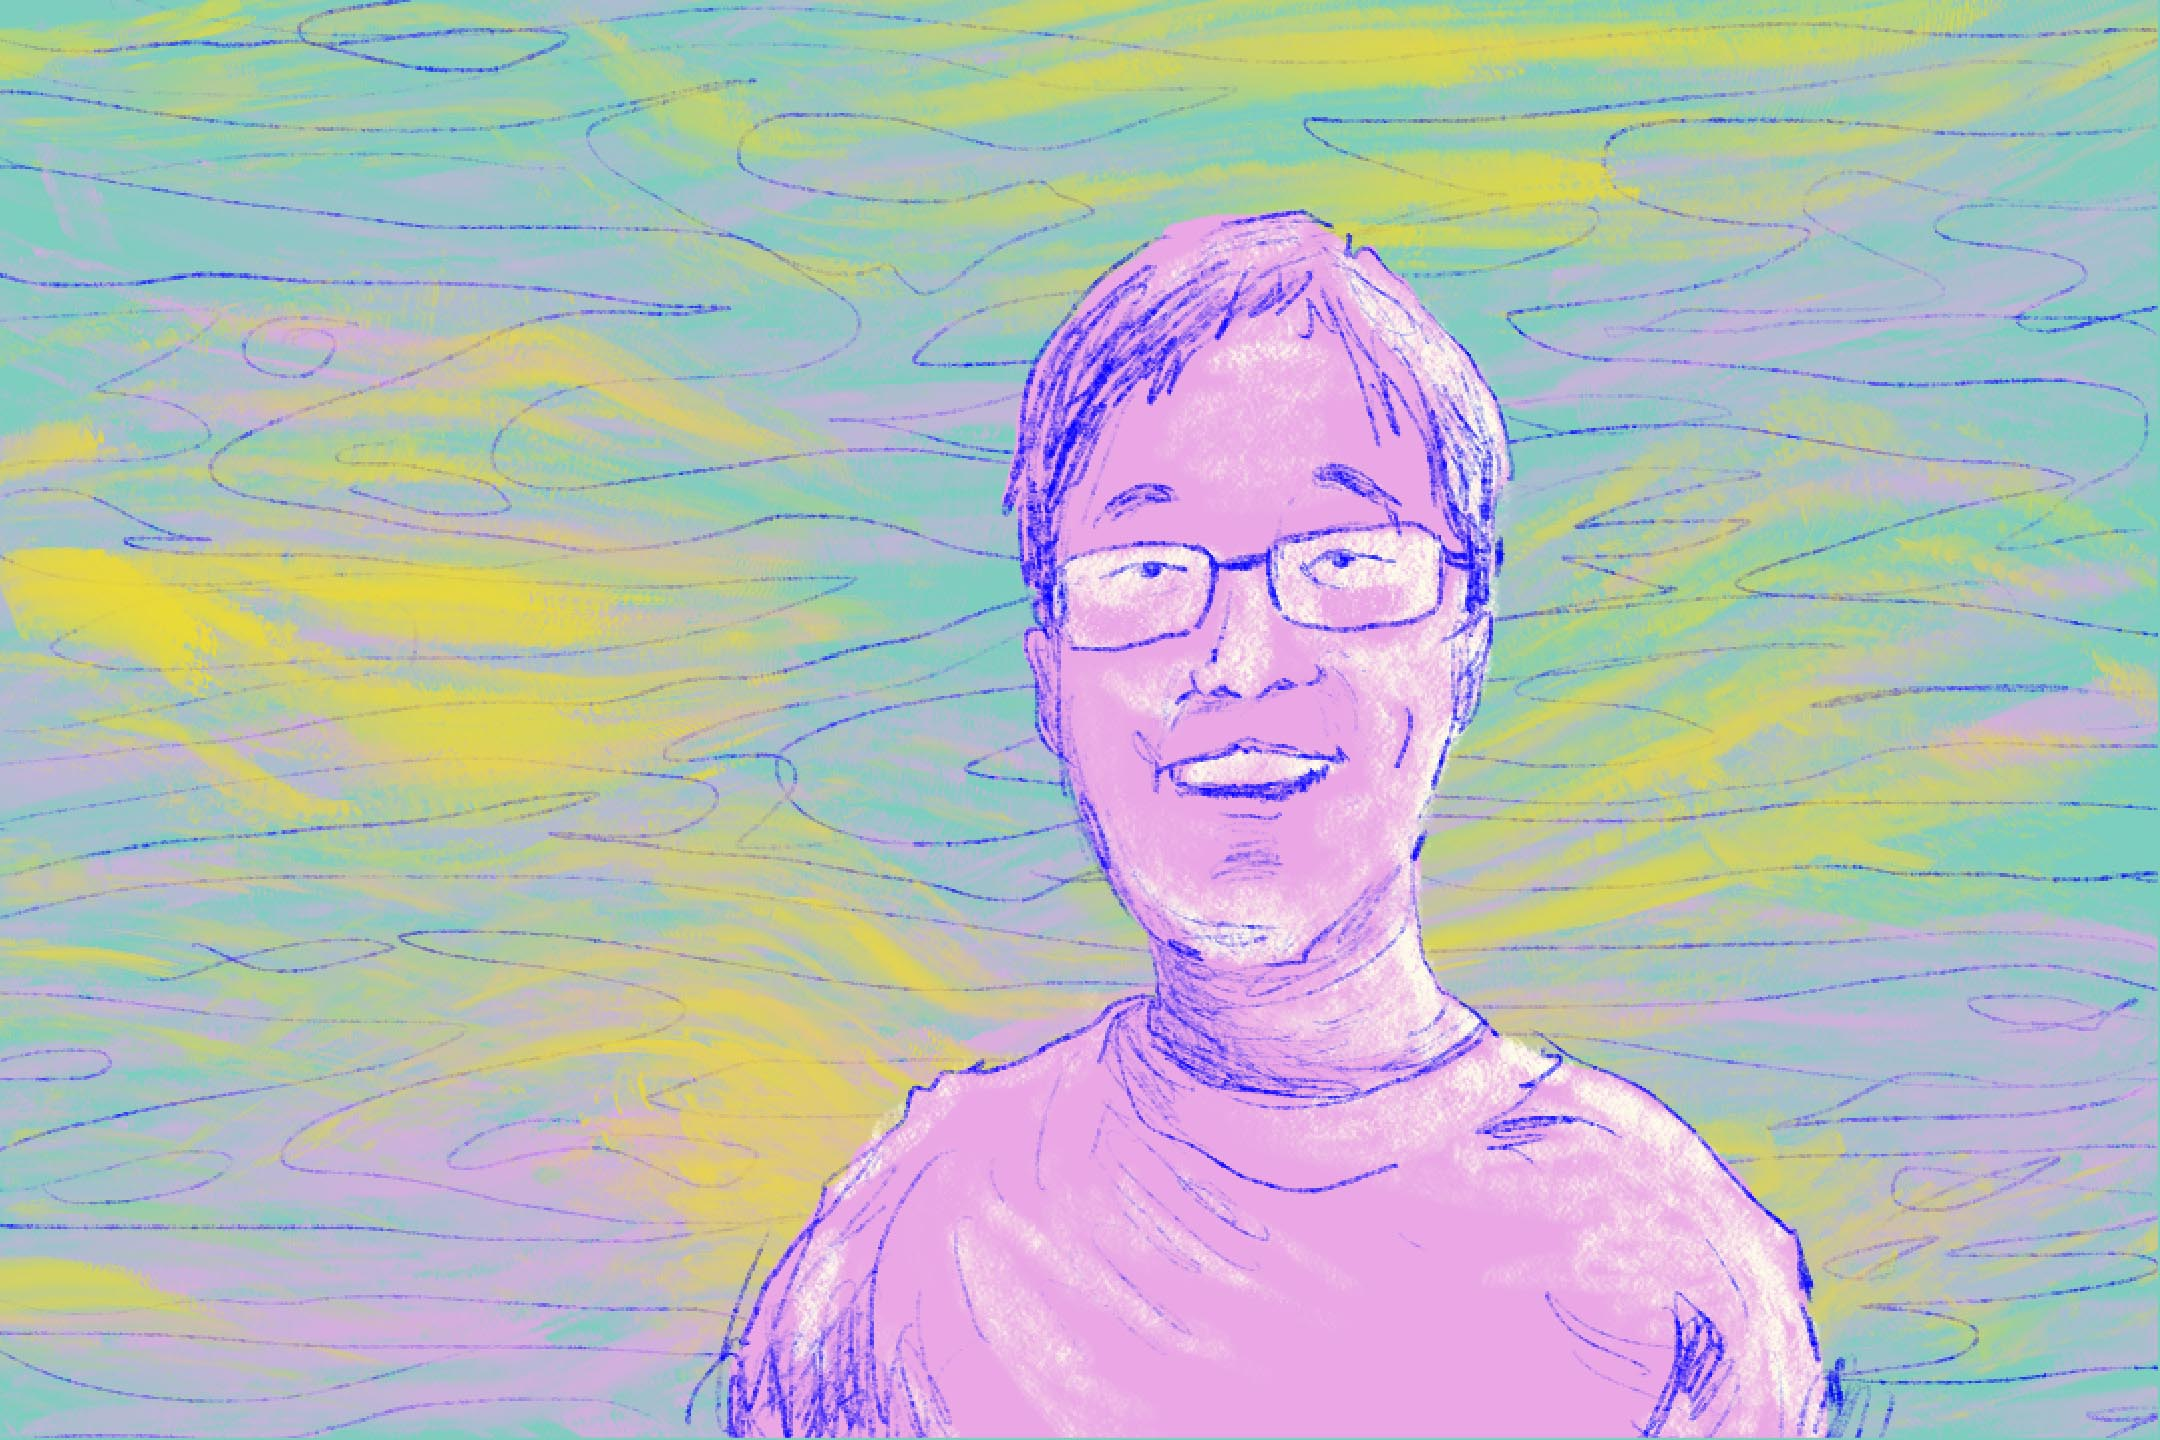 音樂之外,林律希一生與病魔做鬥爭,他自幼患有抽動症,後又罹患其他疾病,需要大量服藥。不過他從未放棄。 插畫:Tseng Lee